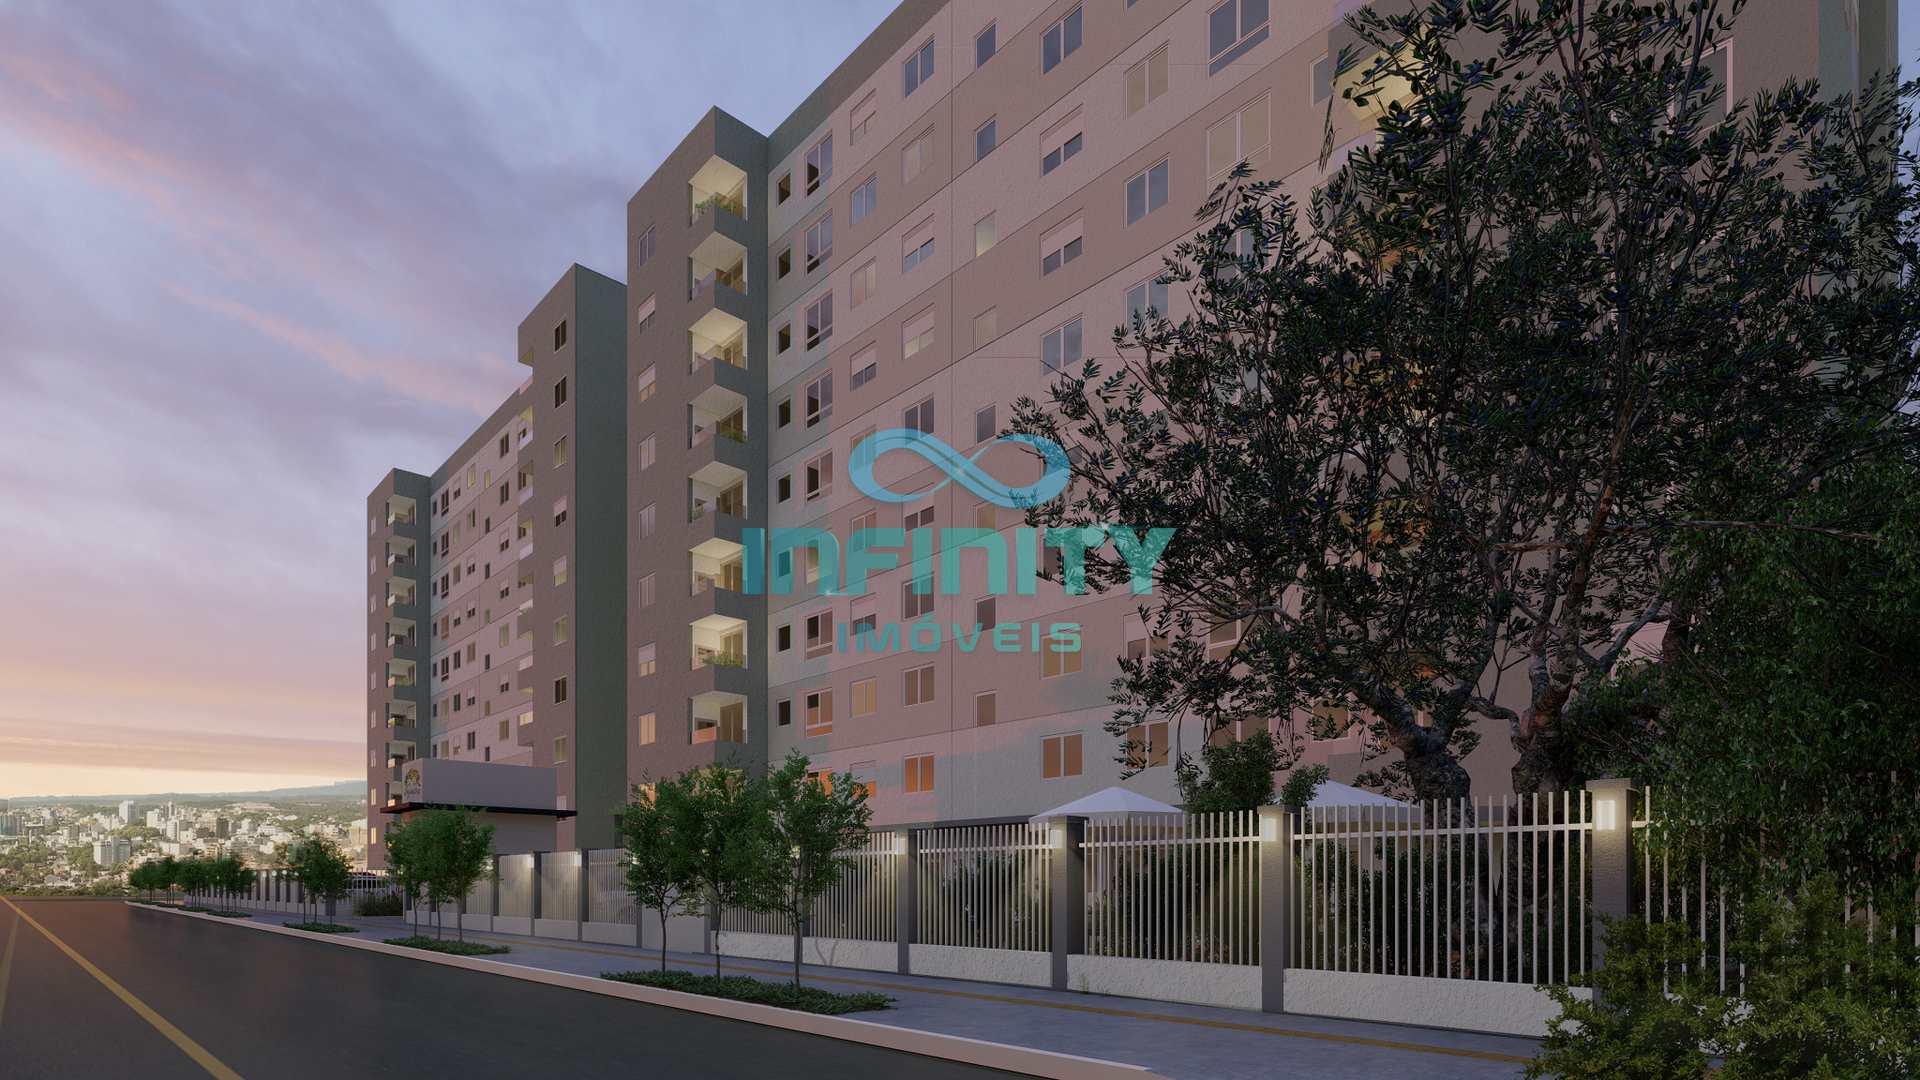 006 Solar da Figueira, Apartamentos à Venda em Gravataí